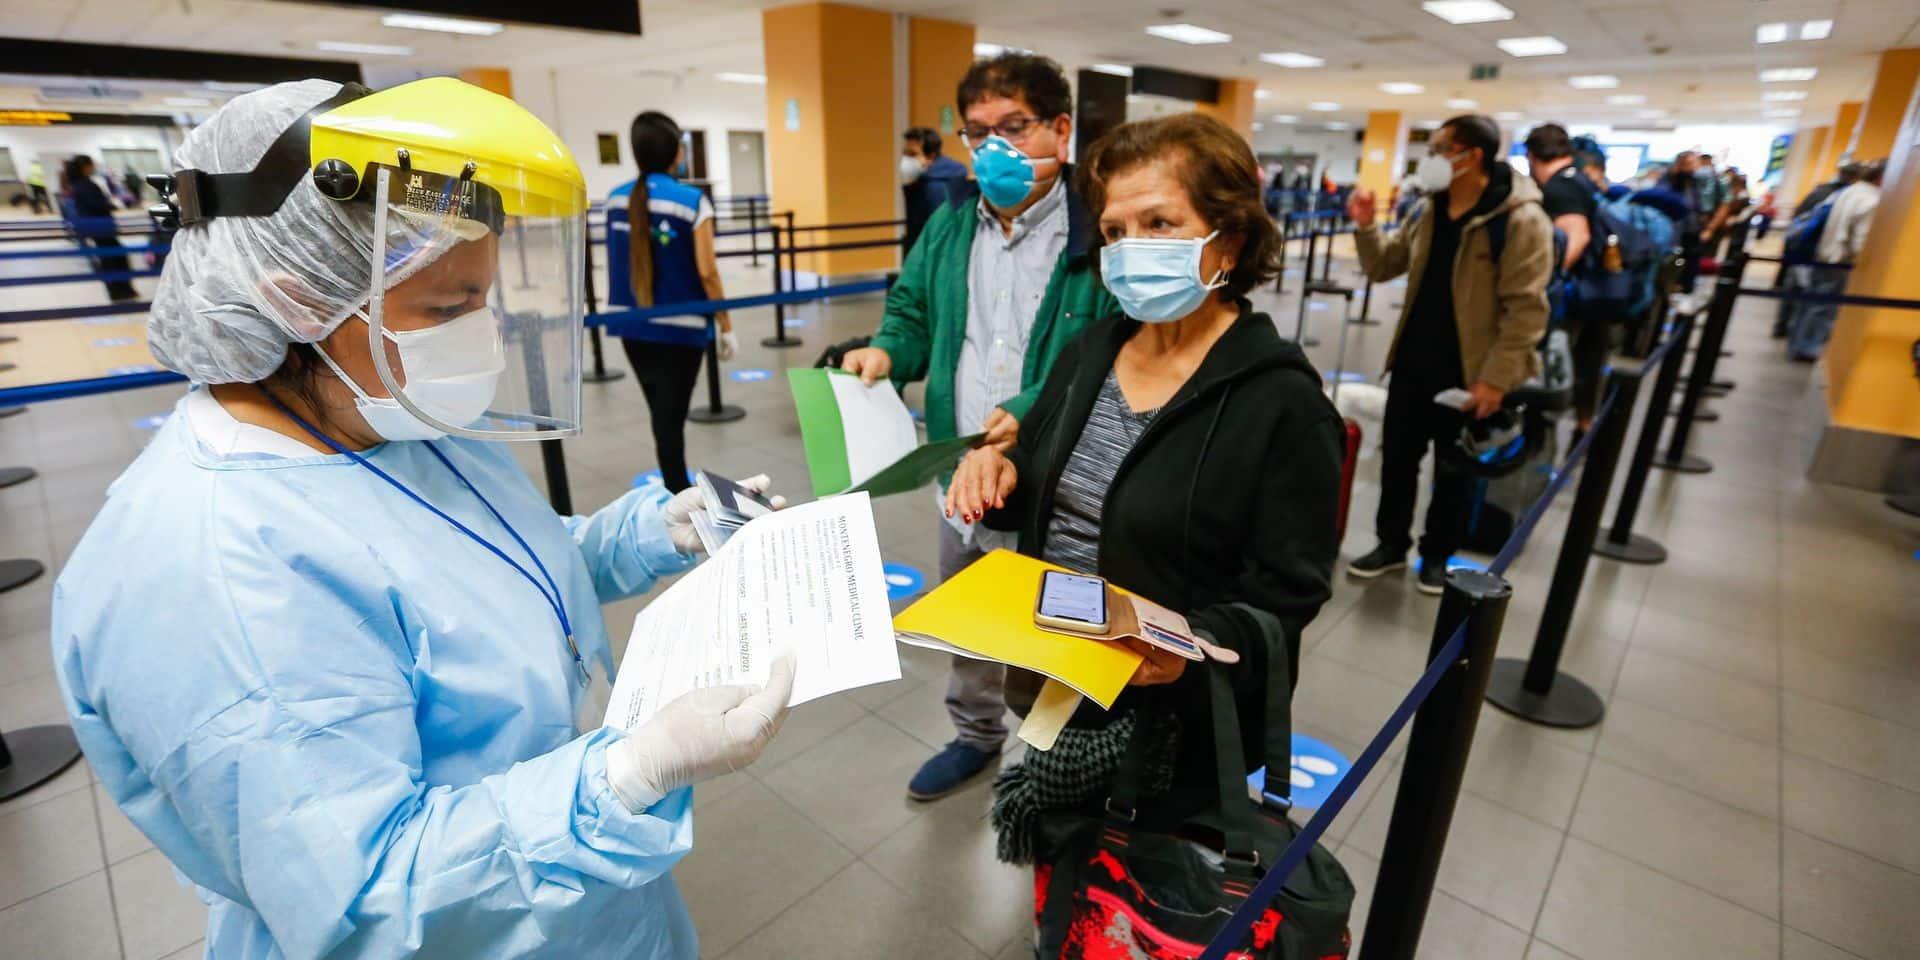 Le vaccin sera-t-il obligatoire? Le point sur les mesures à suivre pour voyager